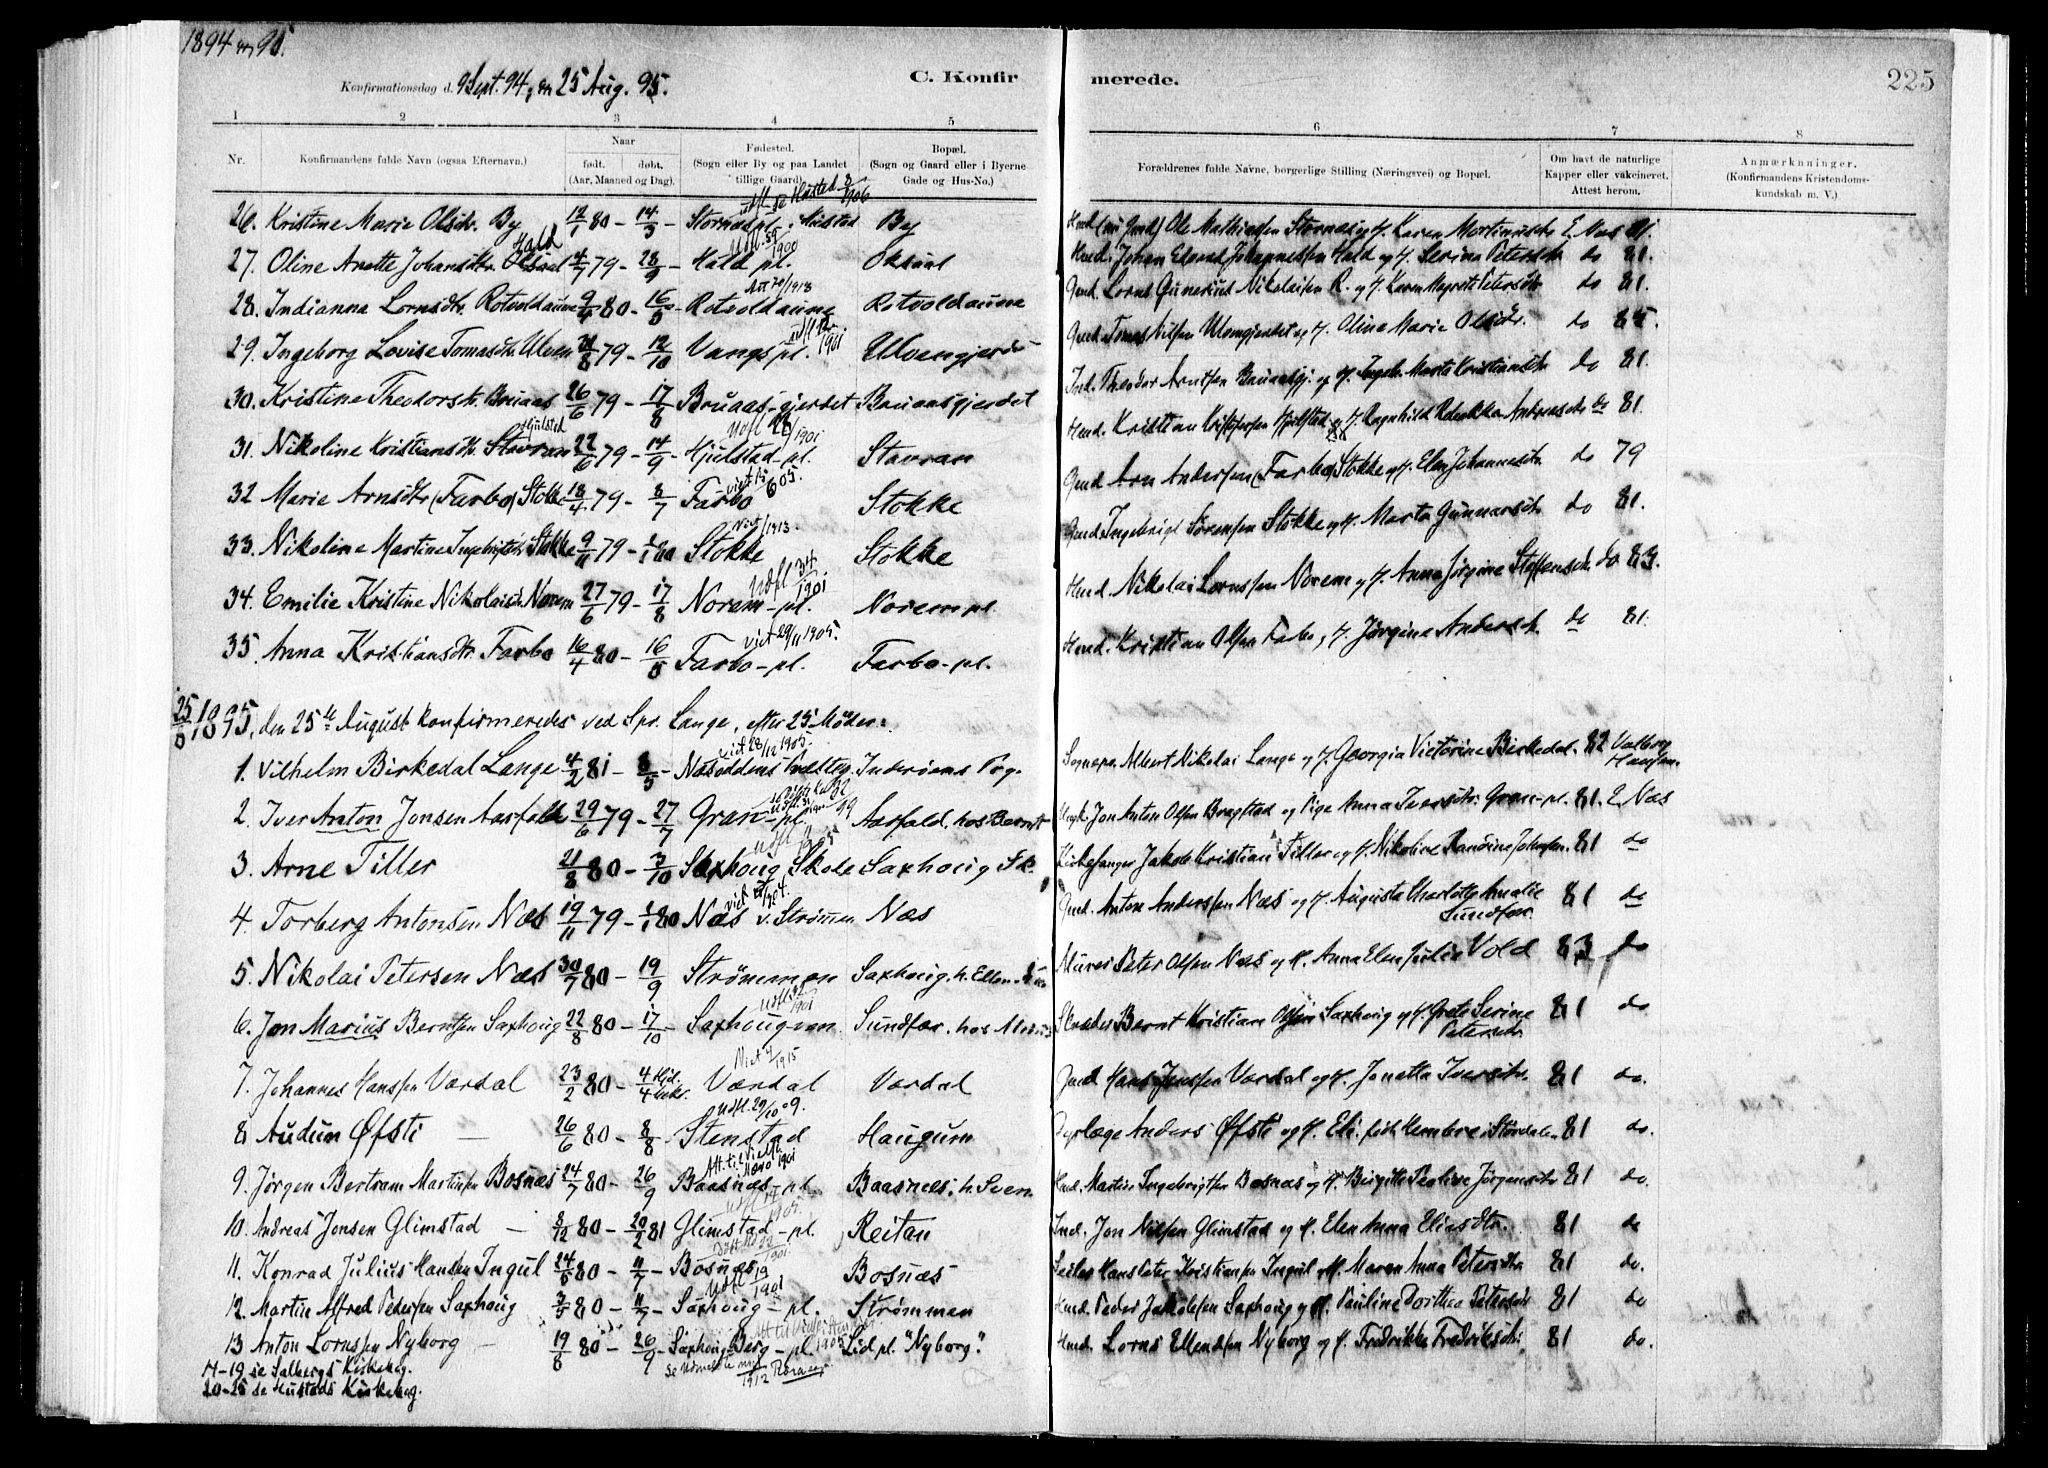 SAT, Ministerialprotokoller, klokkerbøker og fødselsregistre - Nord-Trøndelag, 730/L0285: Ministerialbok nr. 730A10, 1879-1914, s. 225